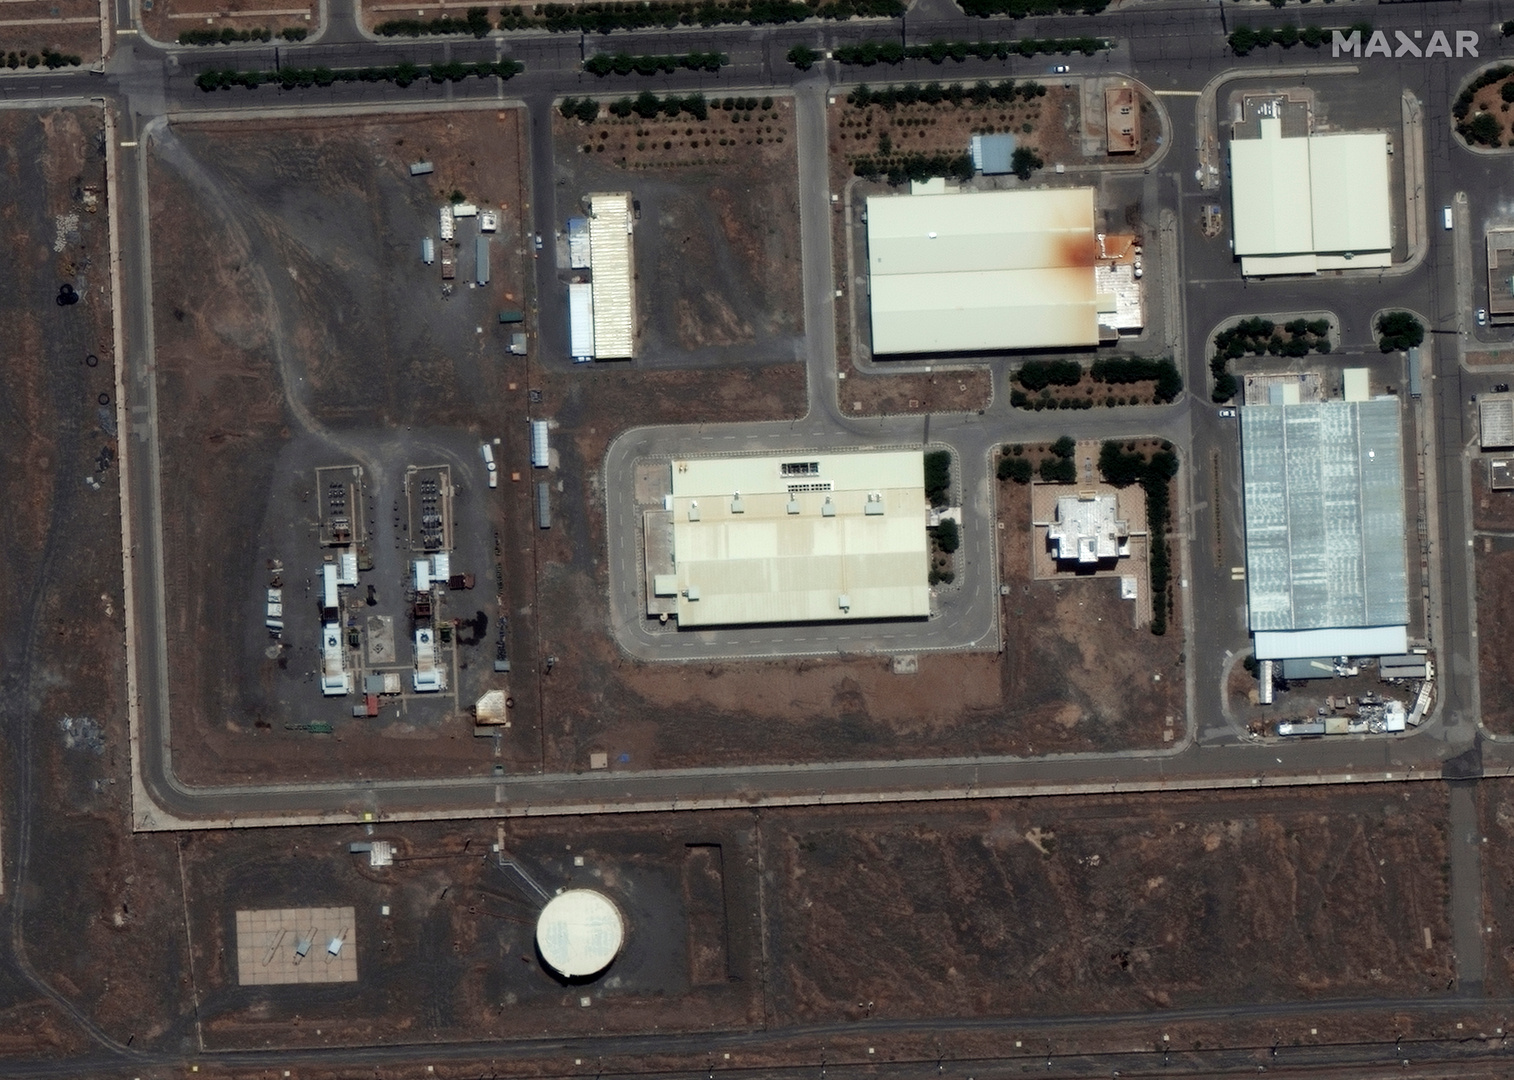 الحرس الثوري الإيراني يكشف هوية منفذ التفجير في منشأة نطنز النووية